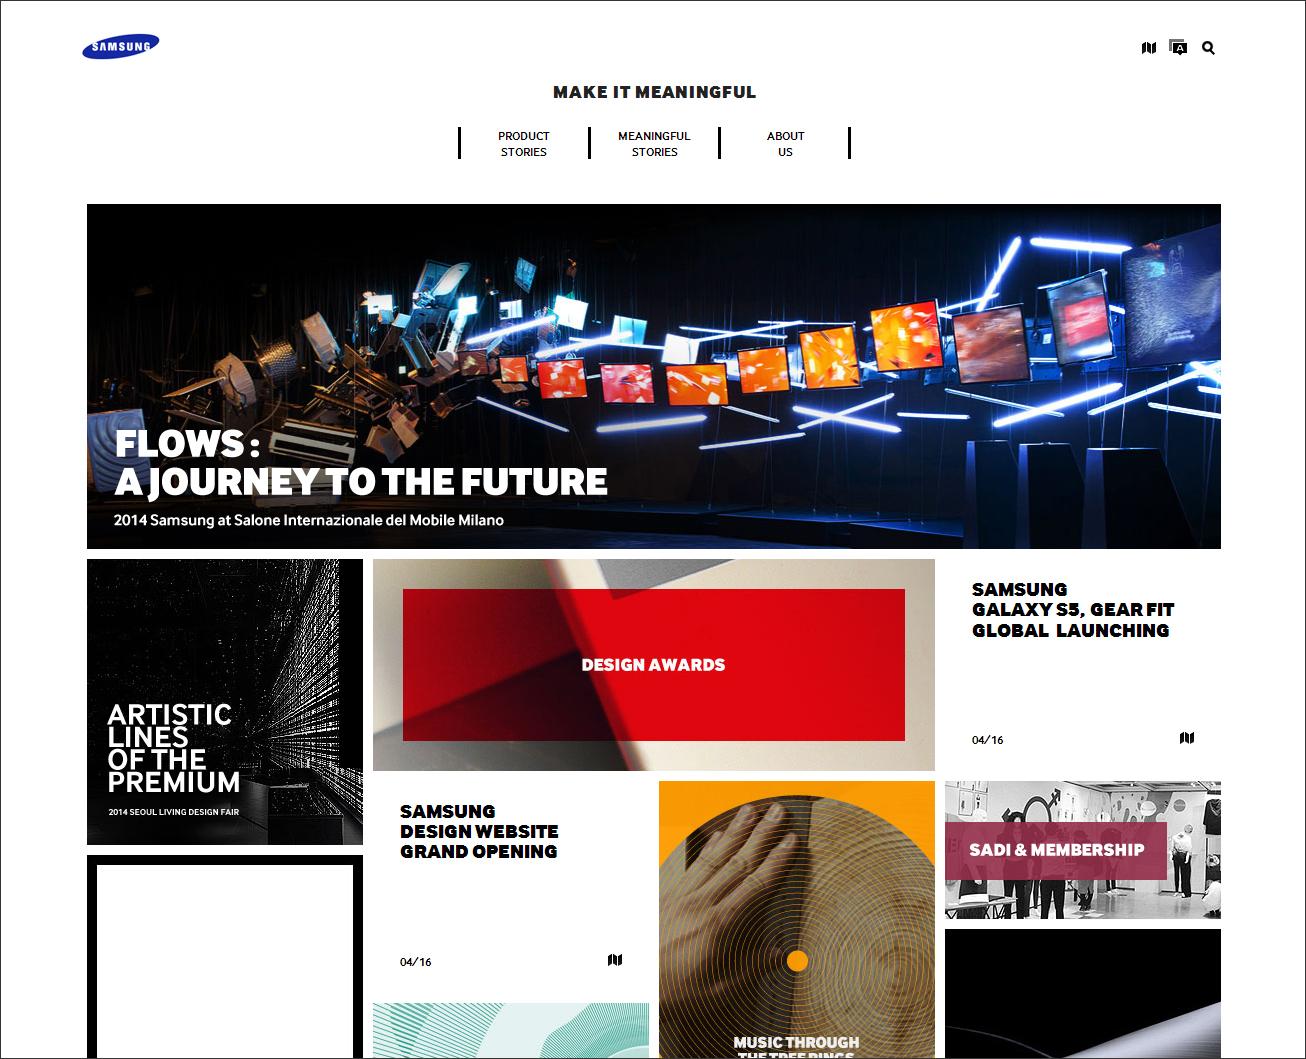 design.samsung.com-main